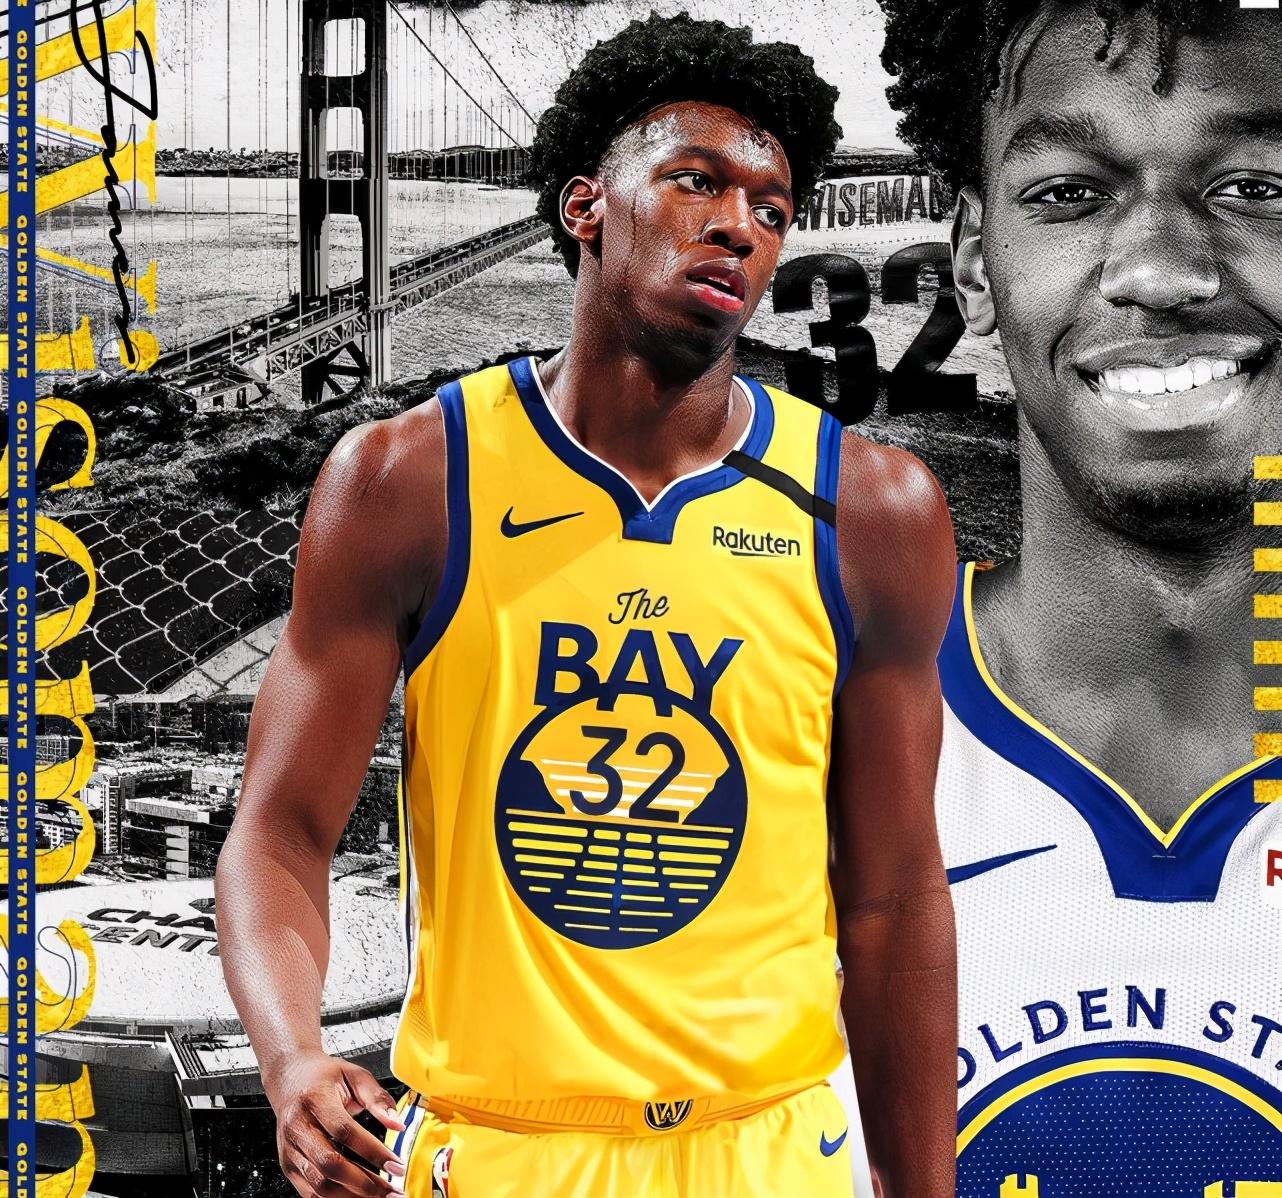 模板是小喬丹?勇士心儀內線又添新技能,便士:他會三分,更像Bosh!-黑特籃球-NBA新聞影音圖片分享社區